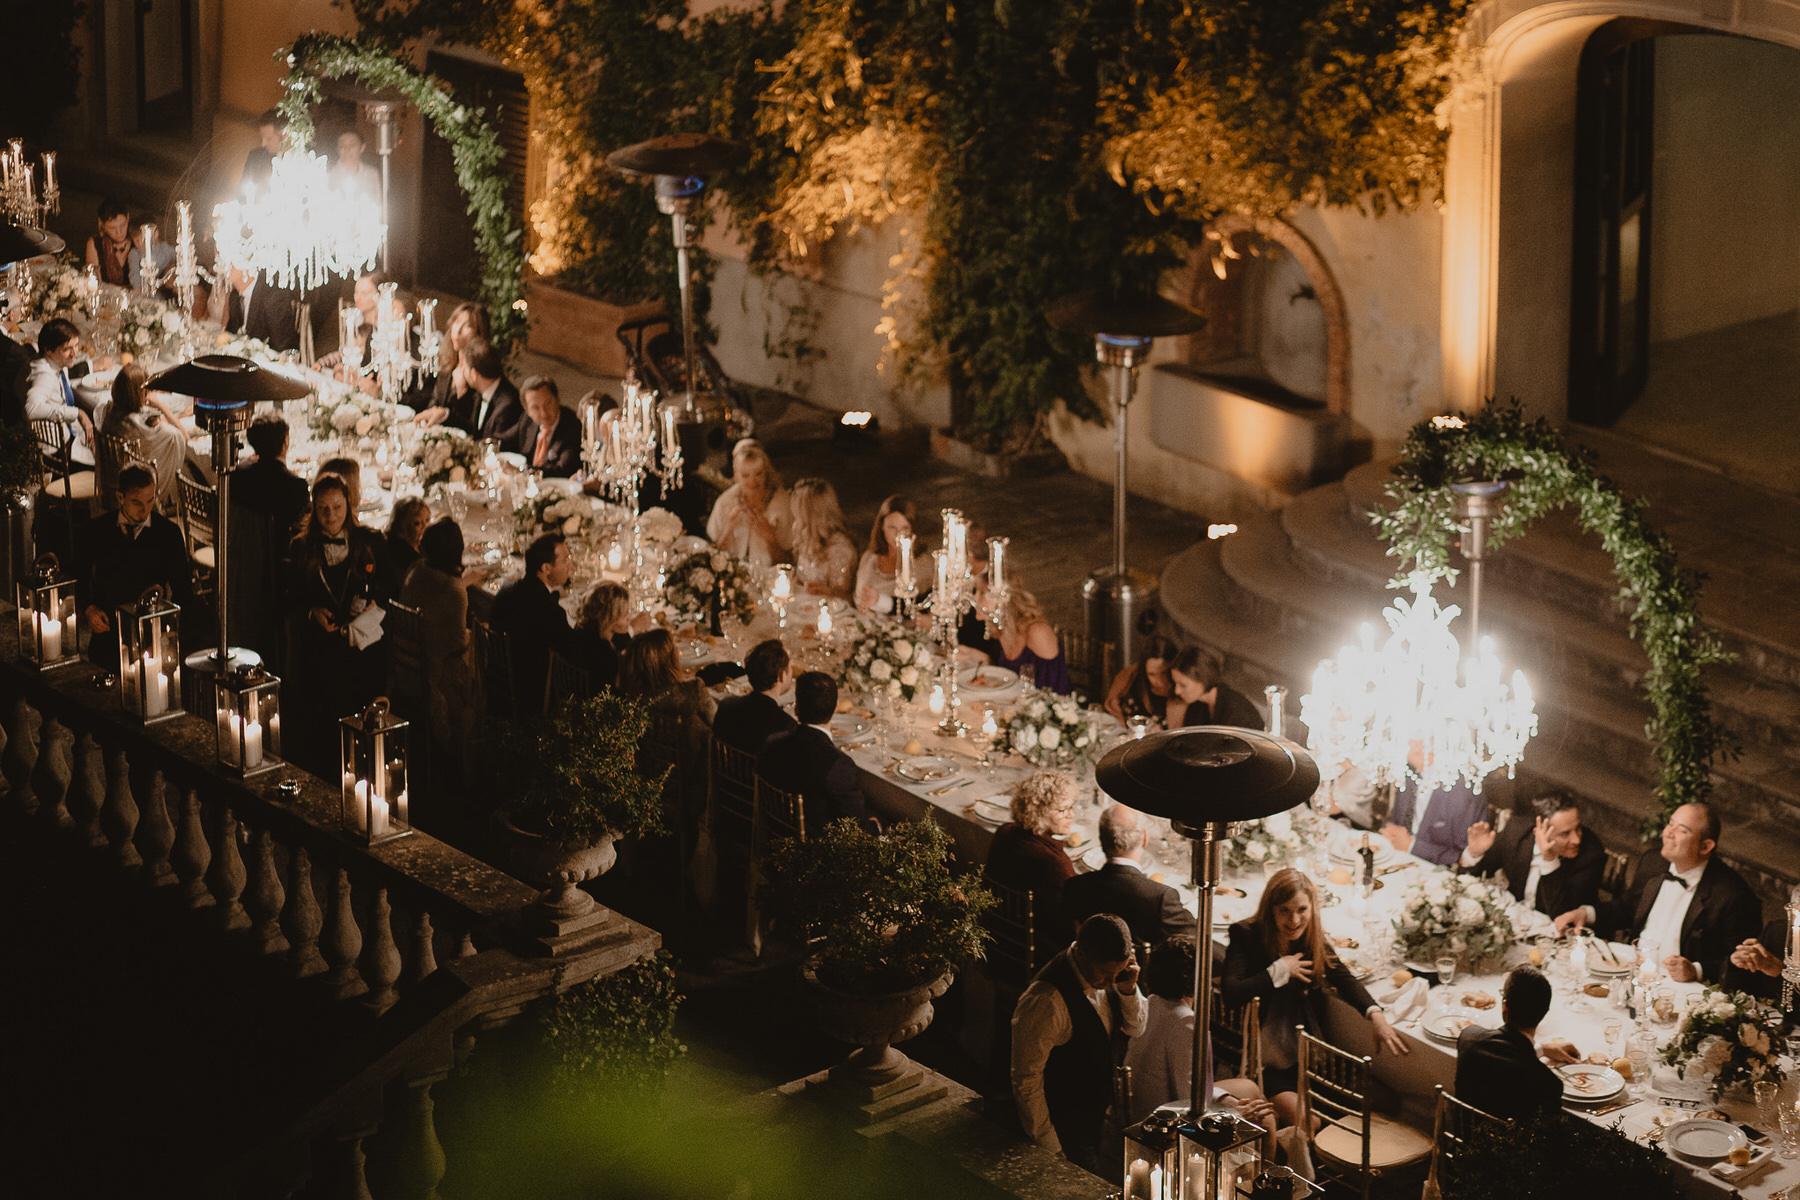 fotógrafos de bodas beto Perez girona, boda en Il Borro, tosacana Italia, casarse en una villa italiana, boda en florencia, bodas en la toscana